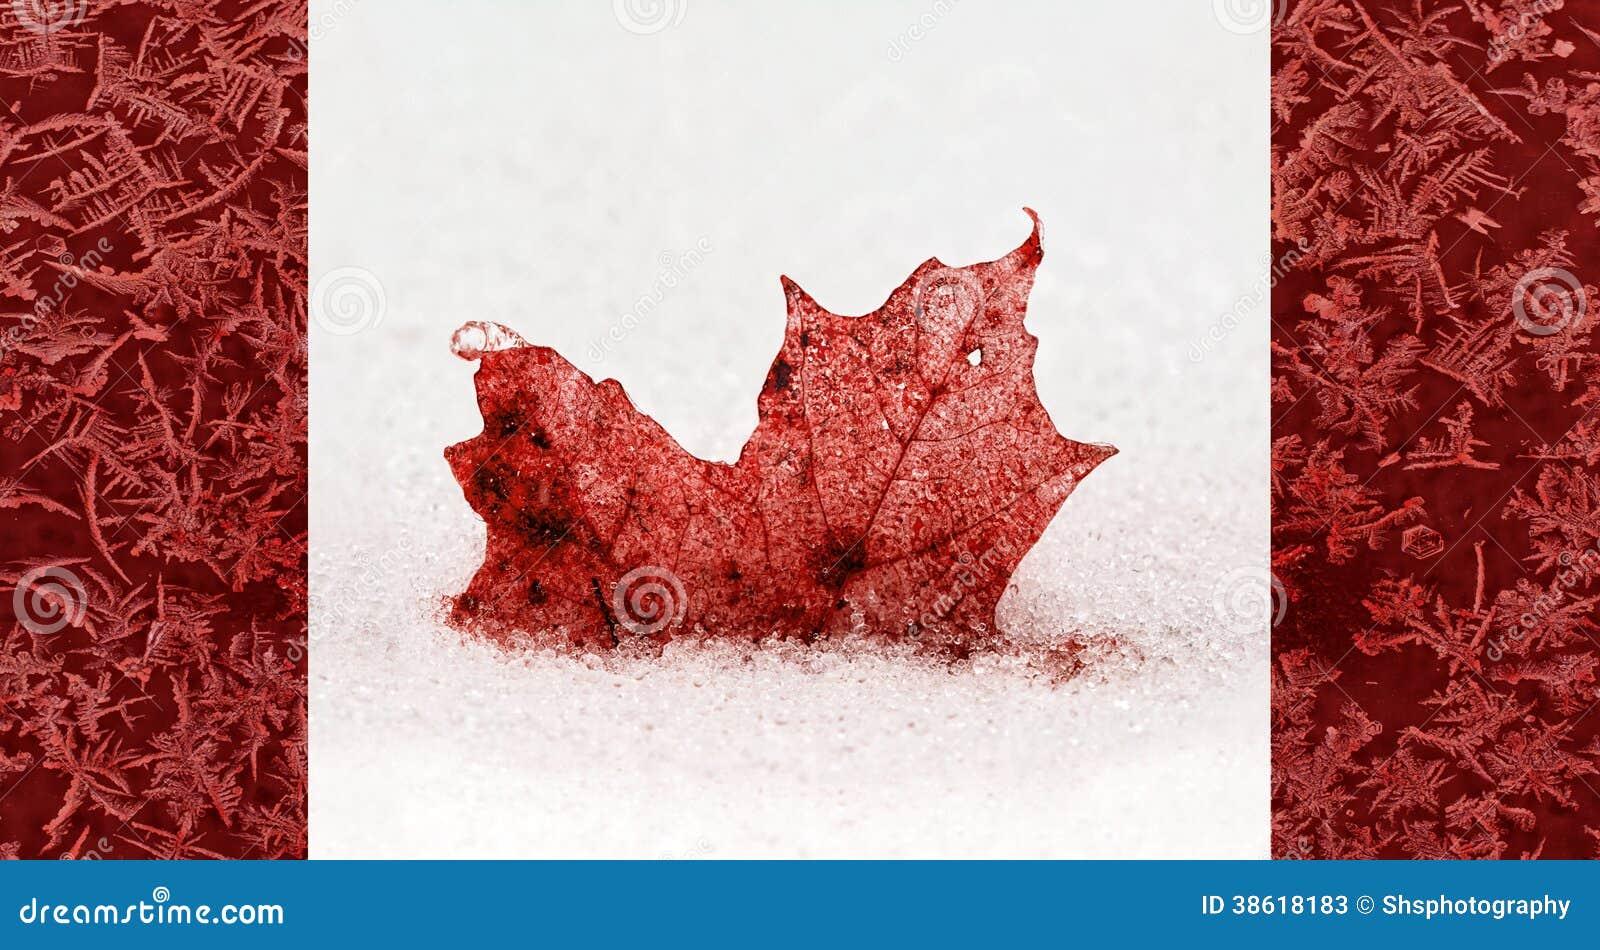 frozen canada flag concept stock photos image 38618183